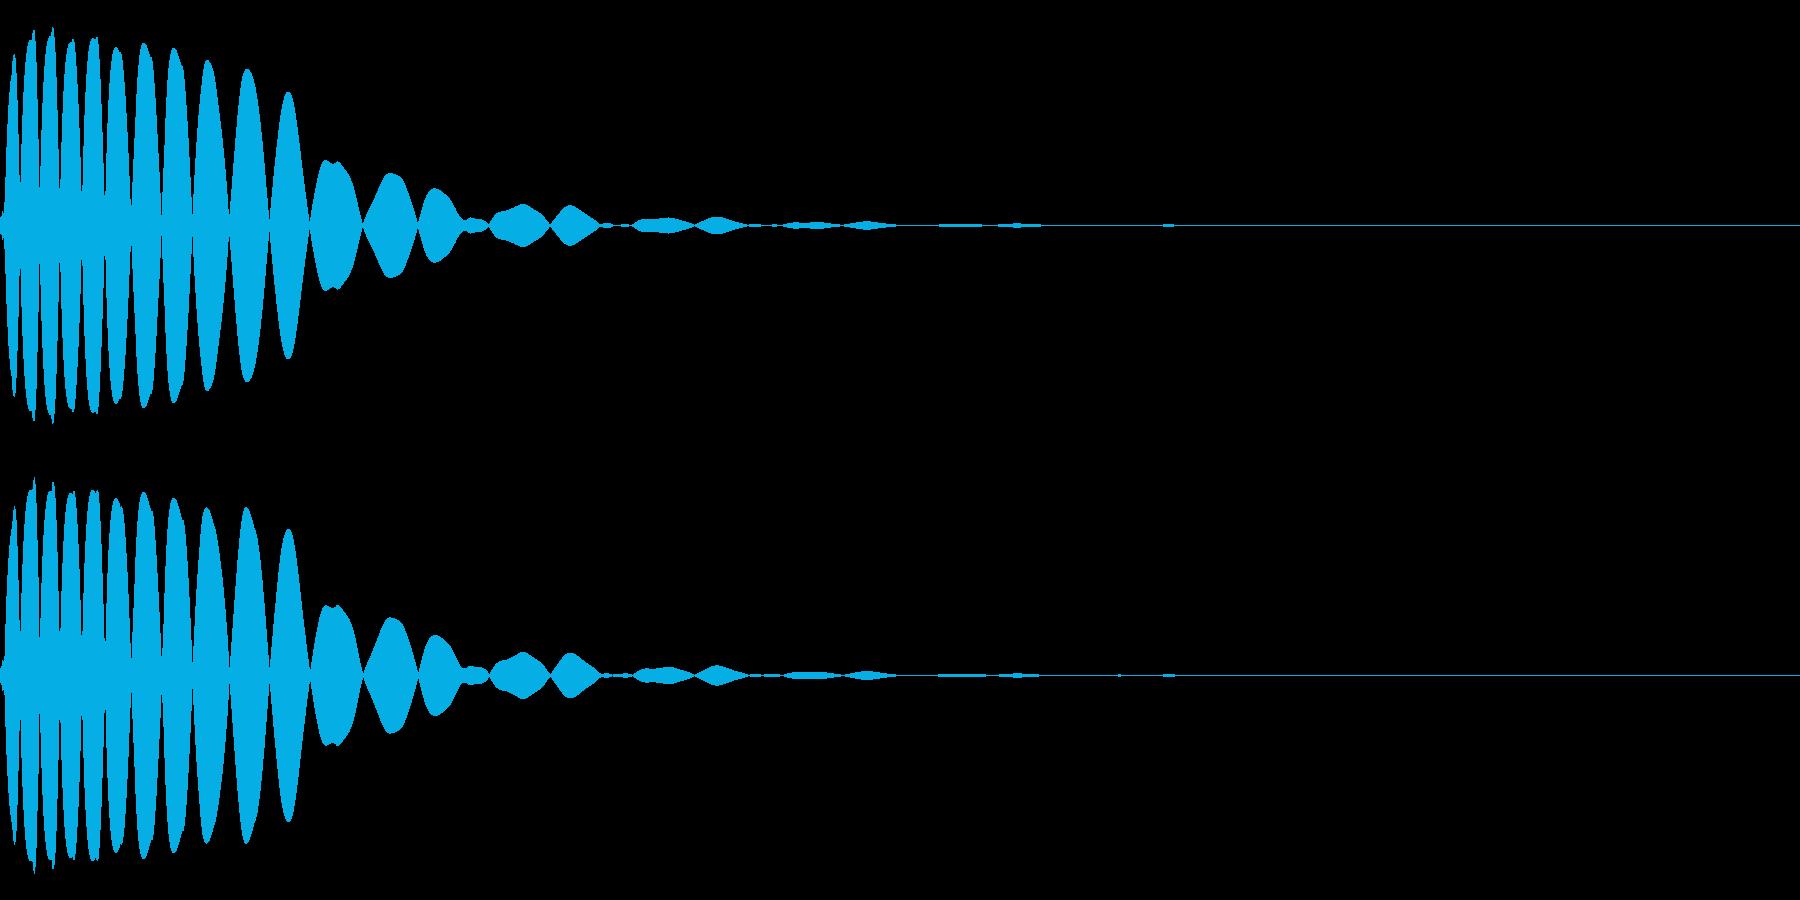 EDMやIDM系のバスドラム 06cの再生済みの波形